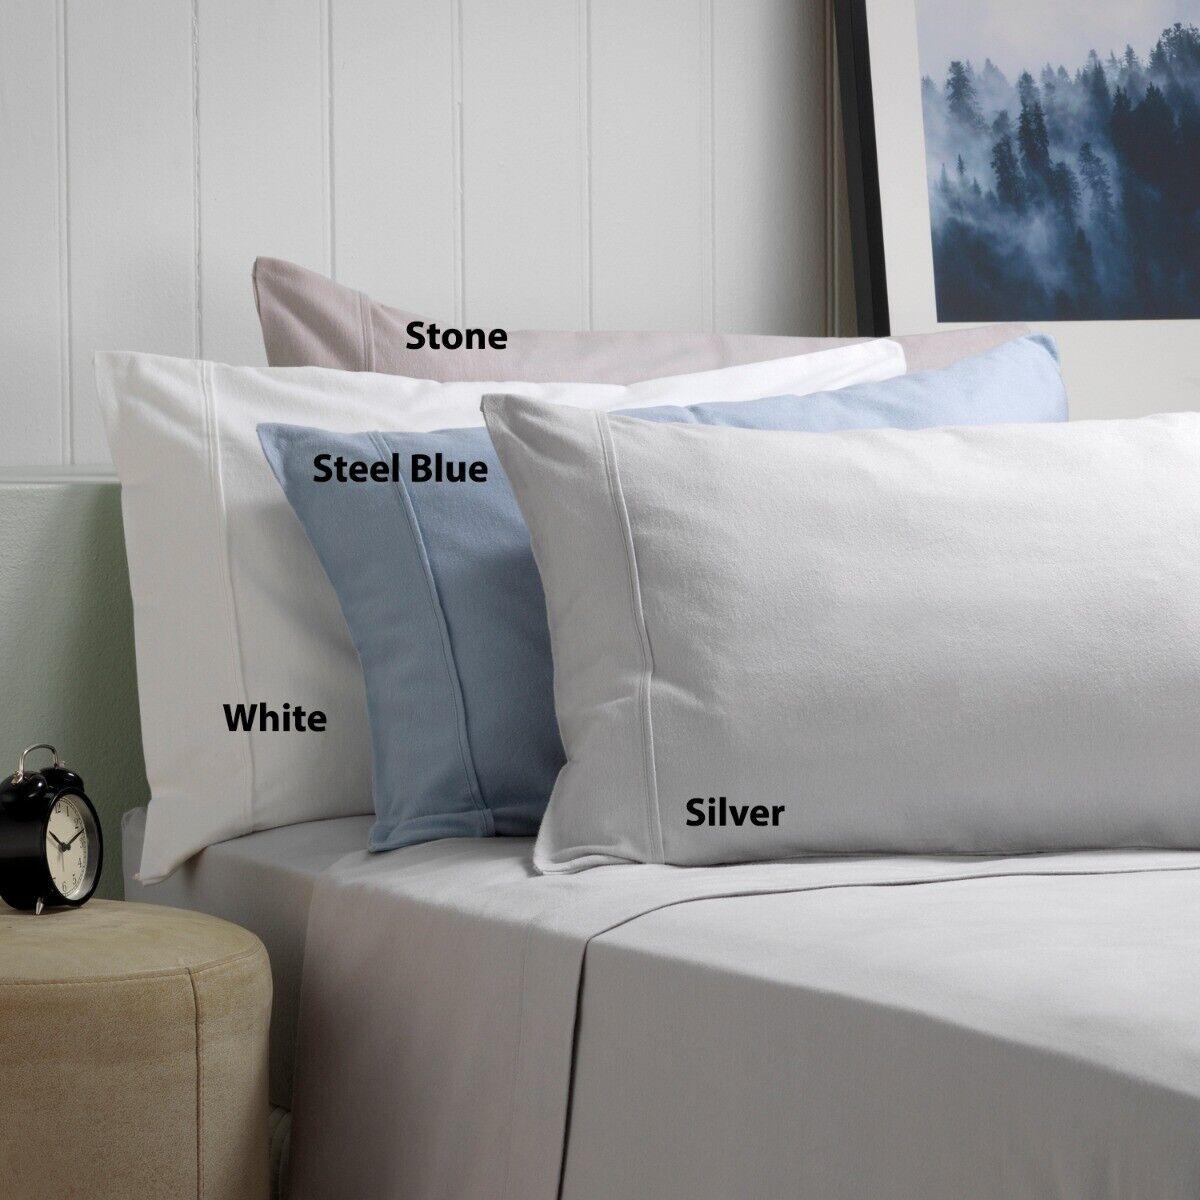 Weiß Fletcher Flannelette Cotton Twill Weave 170gsm Sheet Set